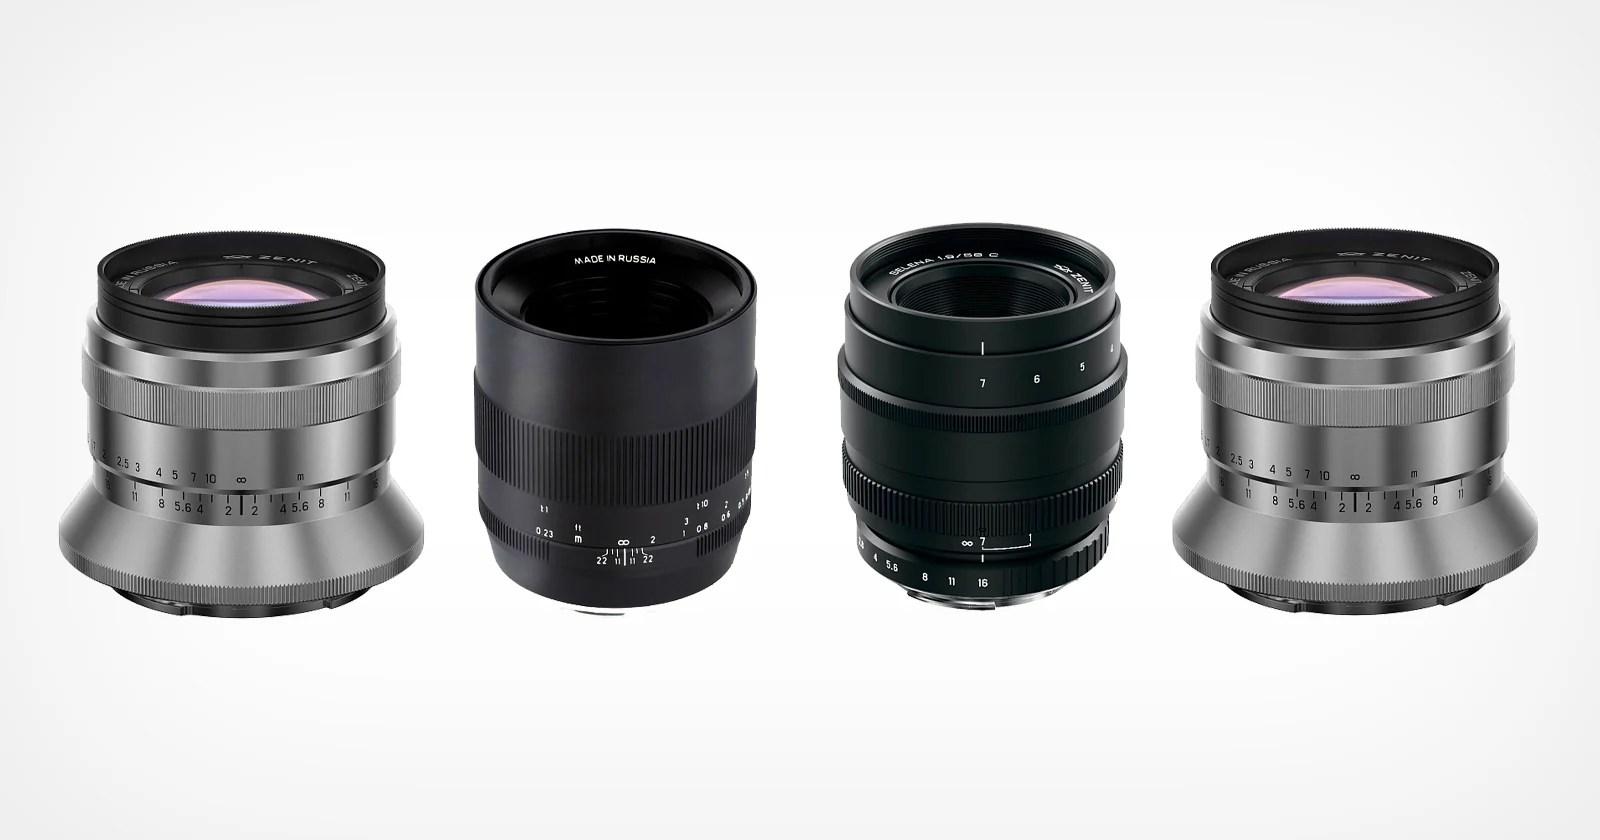 Zenit presenta quattro lenti prime manuali full frame per montature multiple